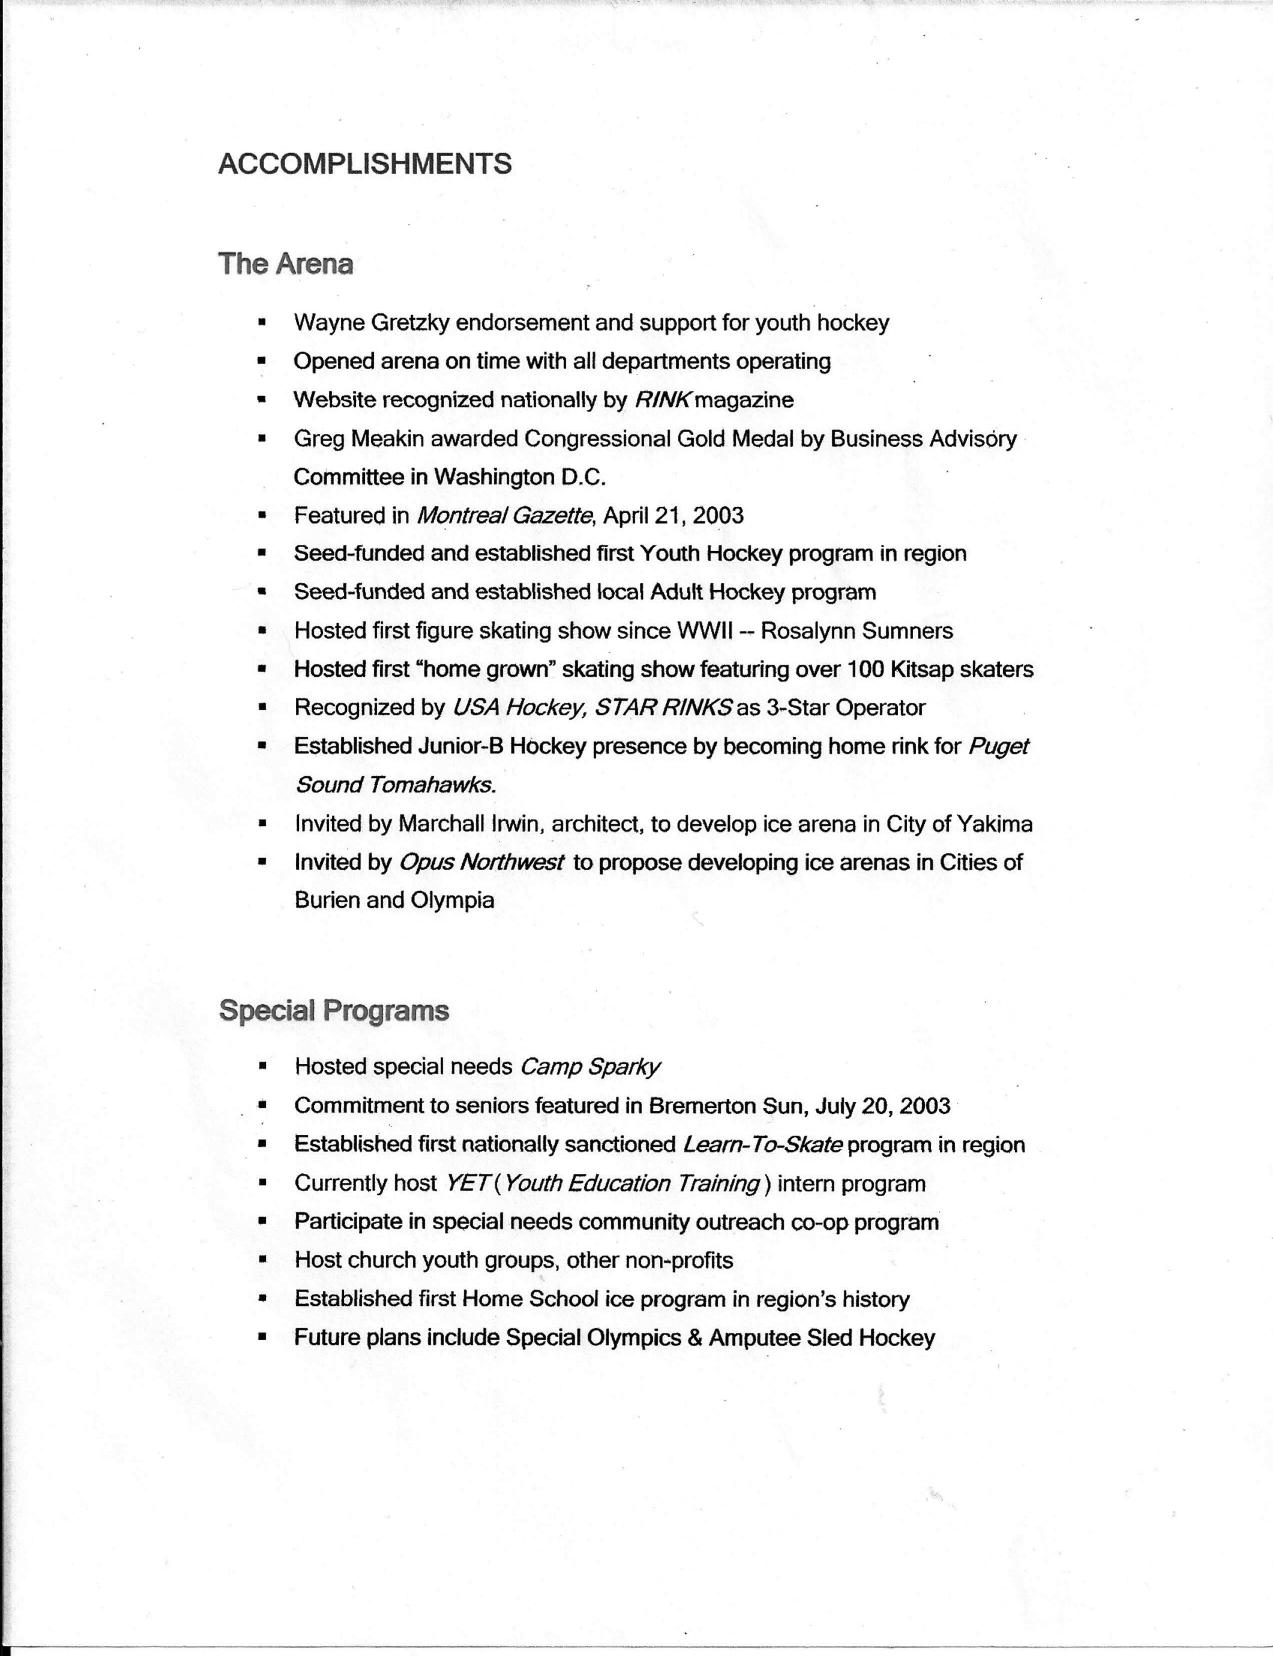 BIA-Accomplishments-1.jpg